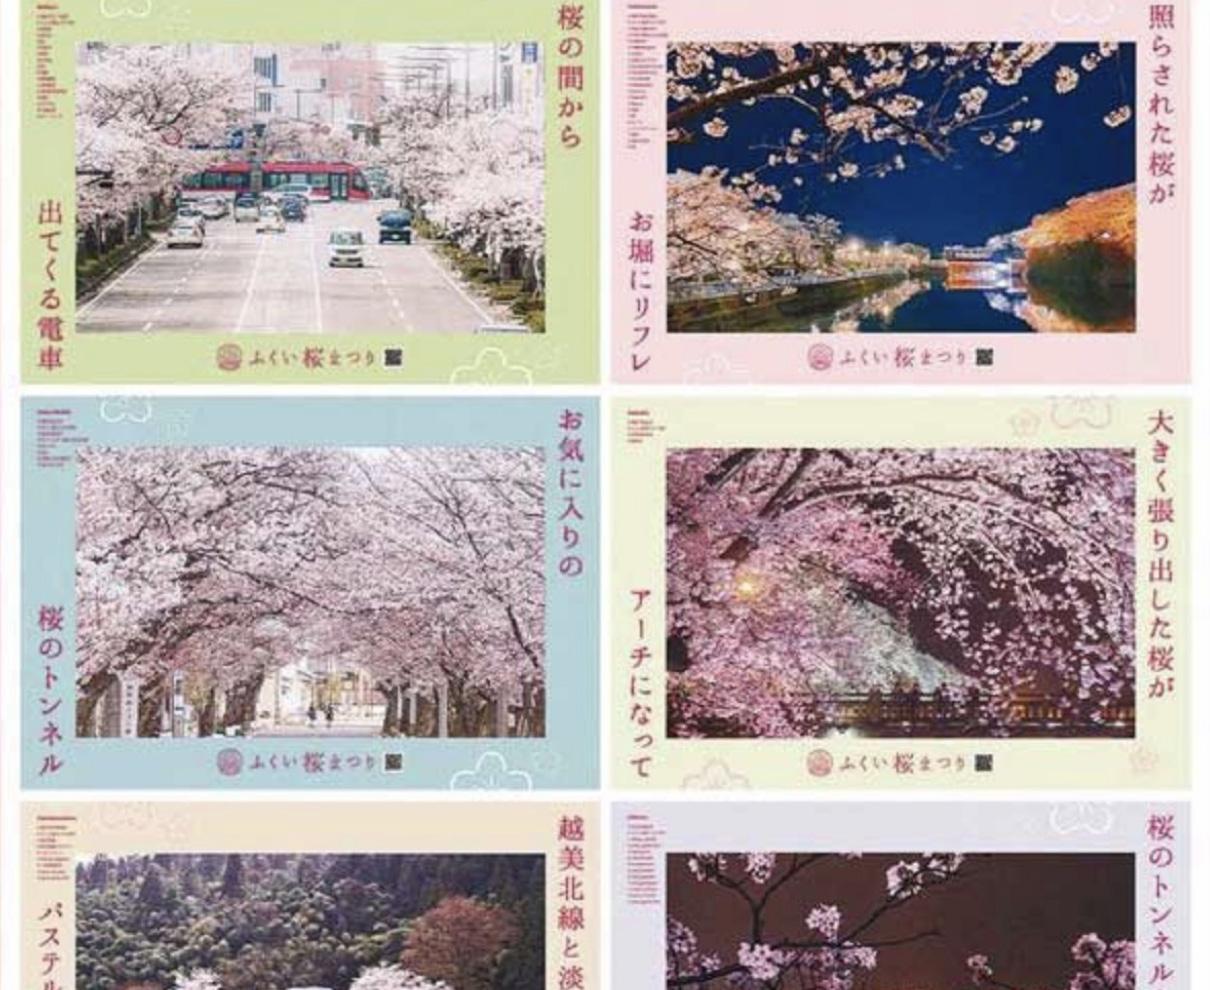 桜まつり 県外へPR強化 福井市 北陸新幹線沿線都市向け